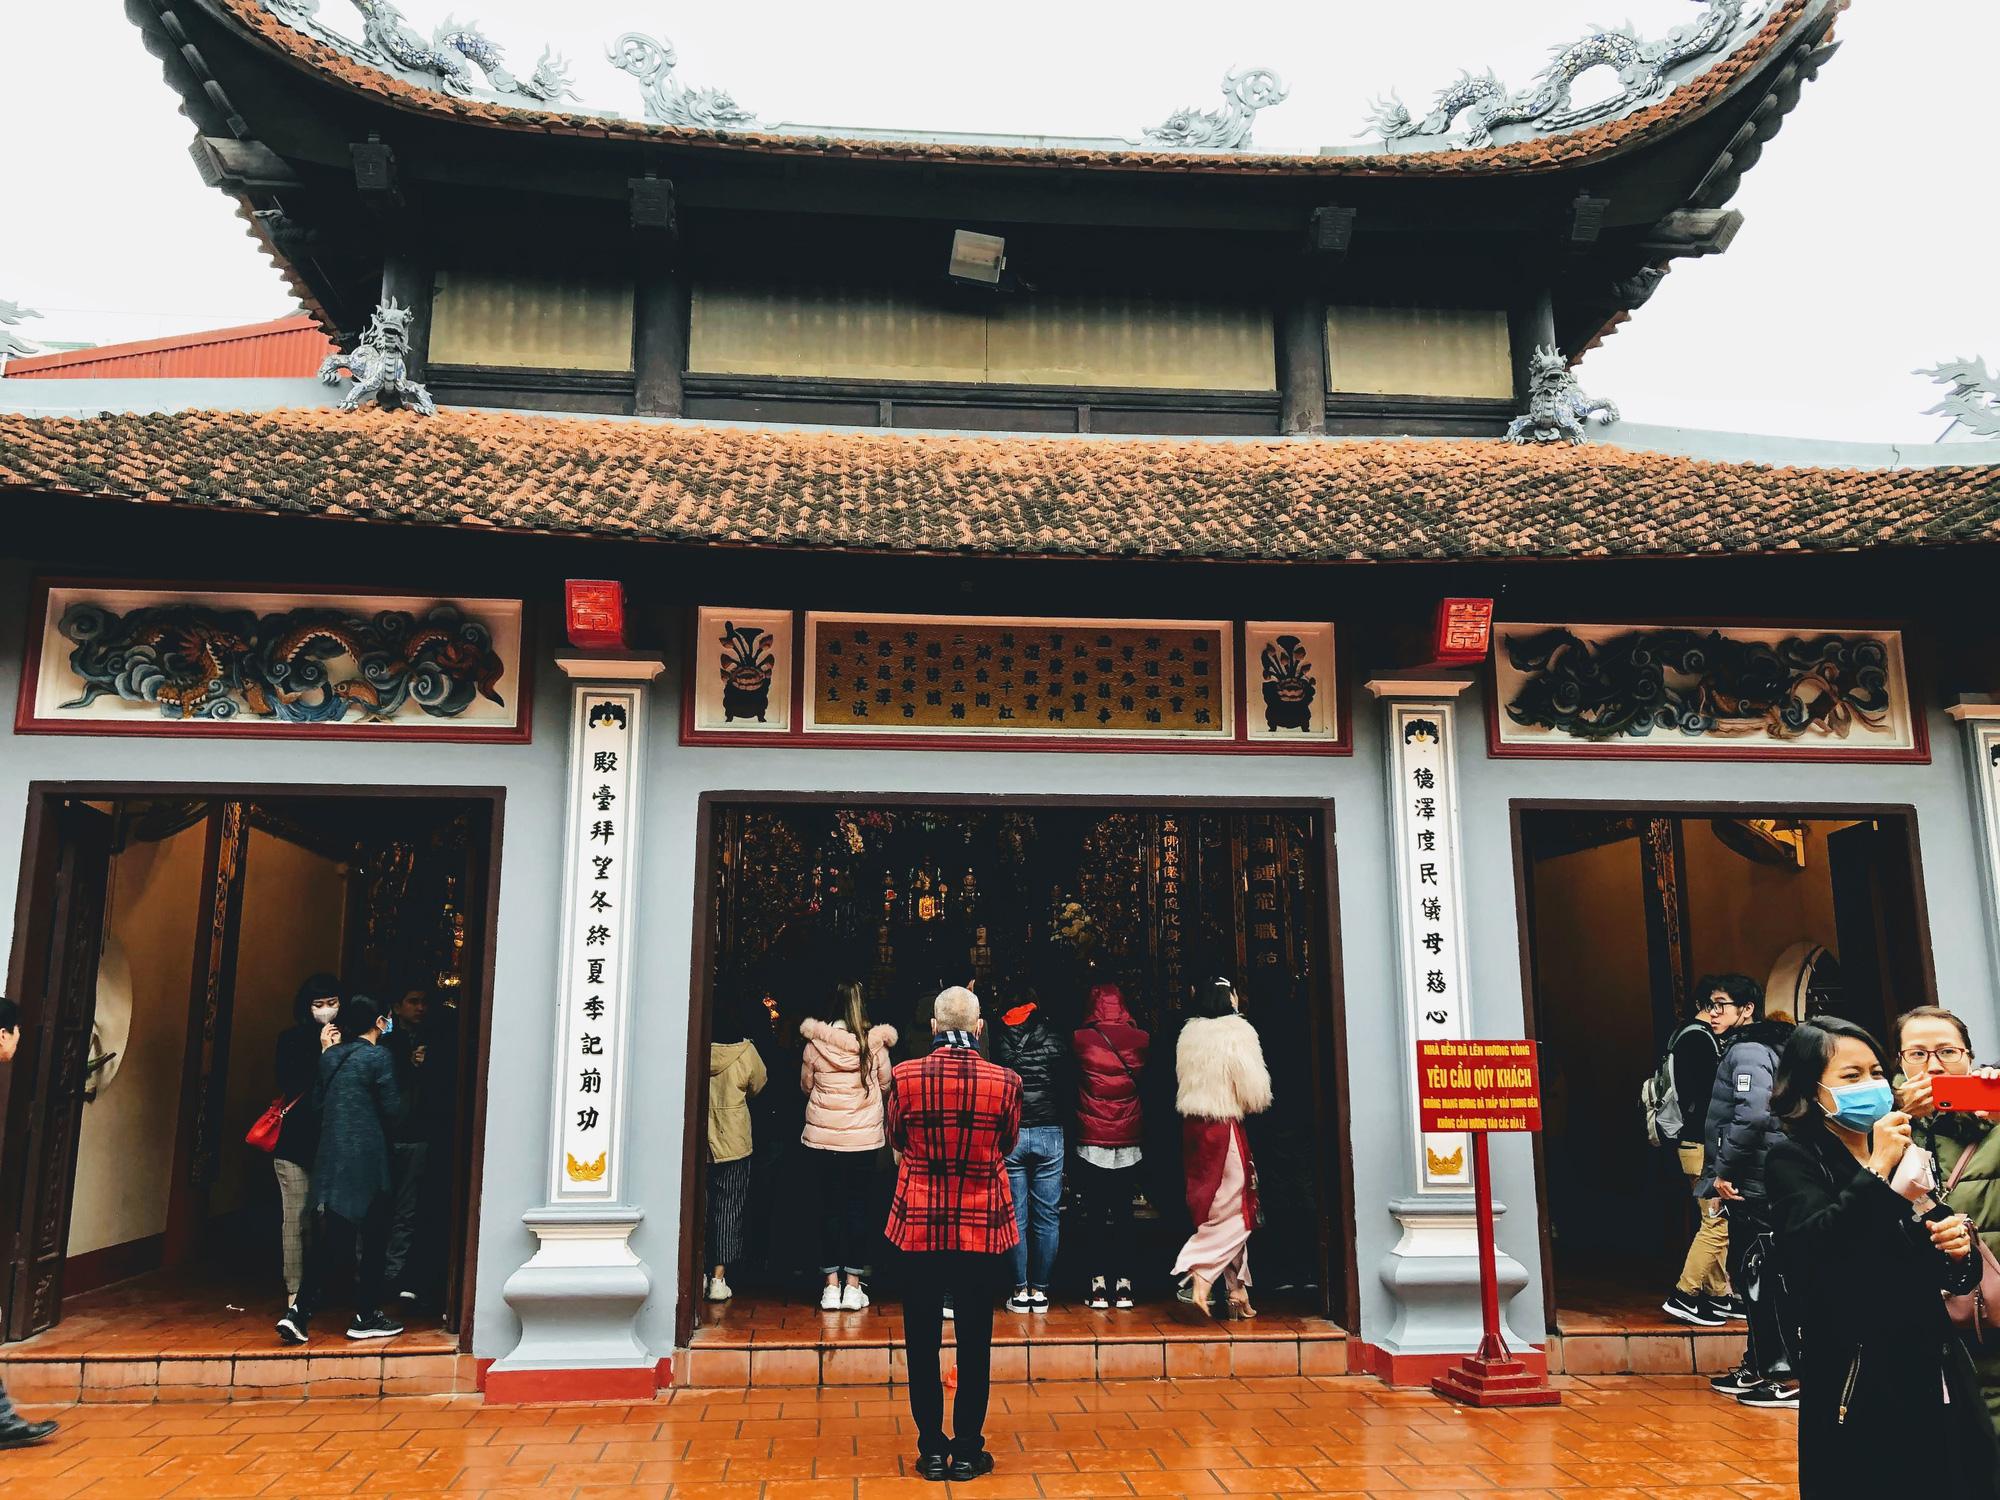 Rằm tháng Giêng, hàng quán ven đền chùa ế ẩm, người bán than trời: Chưa năm nào vắng như năm nay - Ảnh 4.